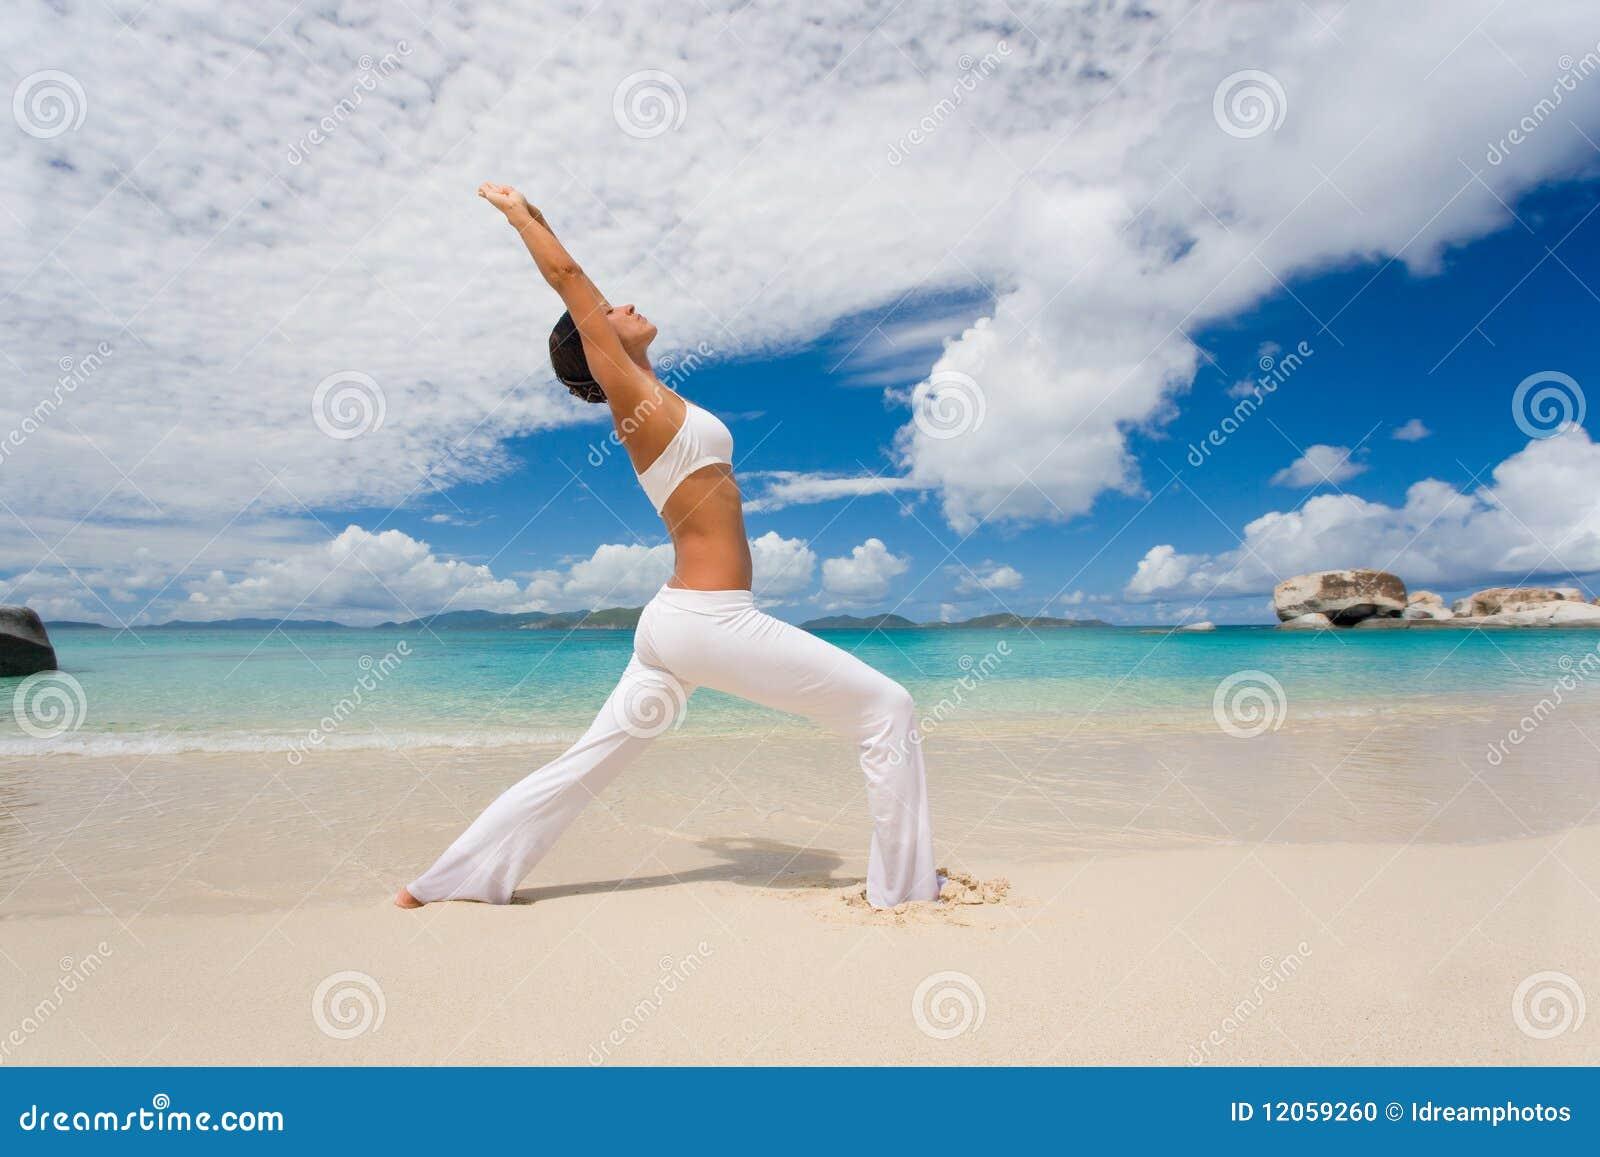 Female yoga stretch beach